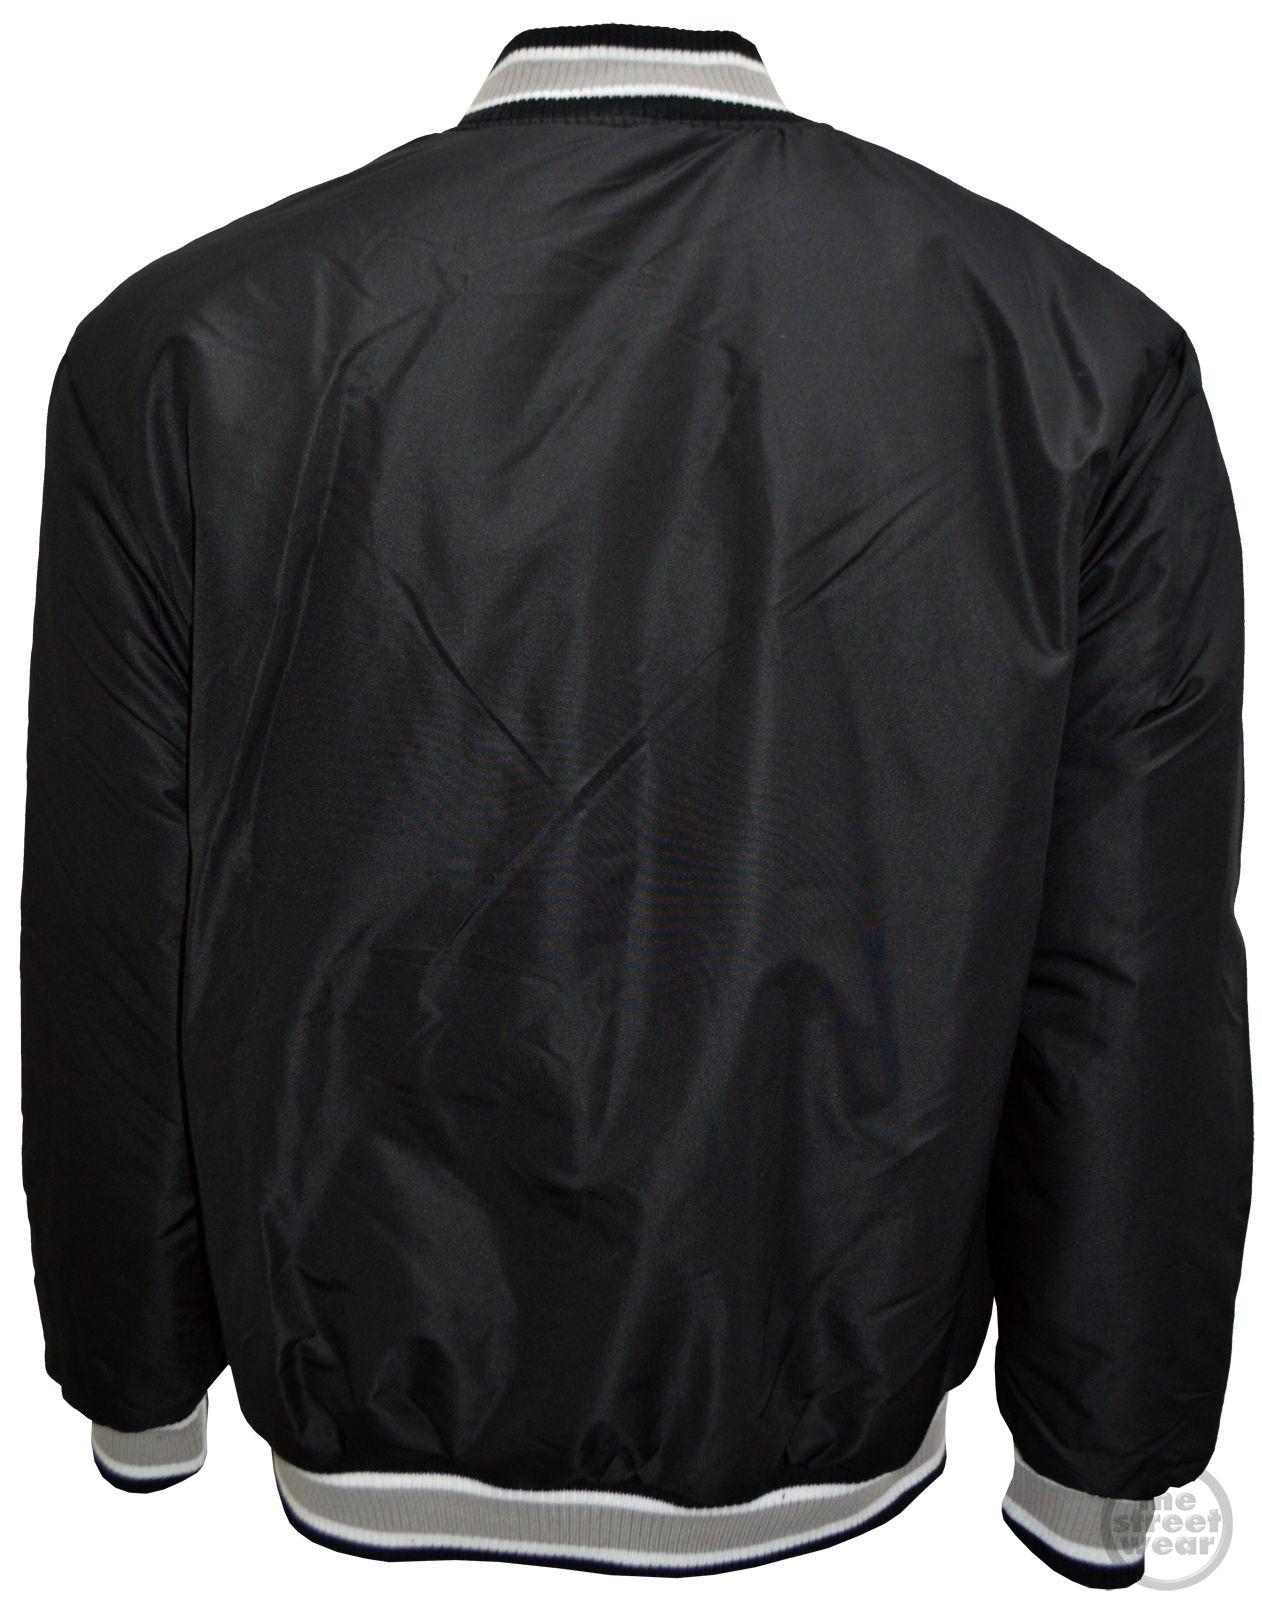 Suede Varsity Jacket | Raiders Varsity Jacket | Leather Raiders Jacket